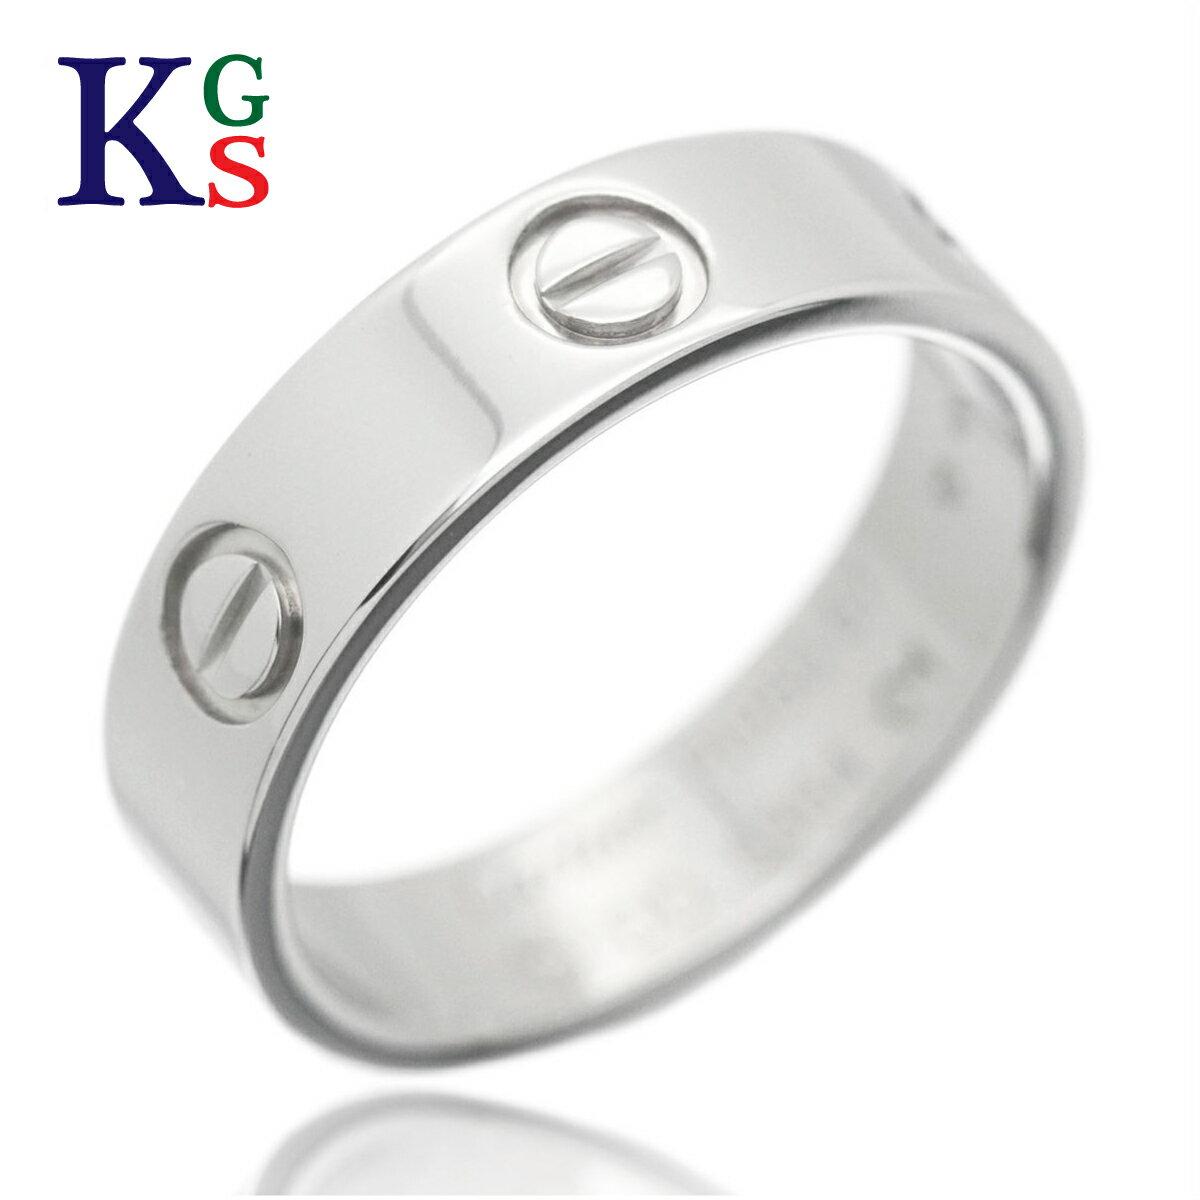 【新古品】カルティエ/Cartier / ジュエリー ウェディング 結婚指輪 レディース メンズ / ラブリング love Pt950 / プラチナ B4084900